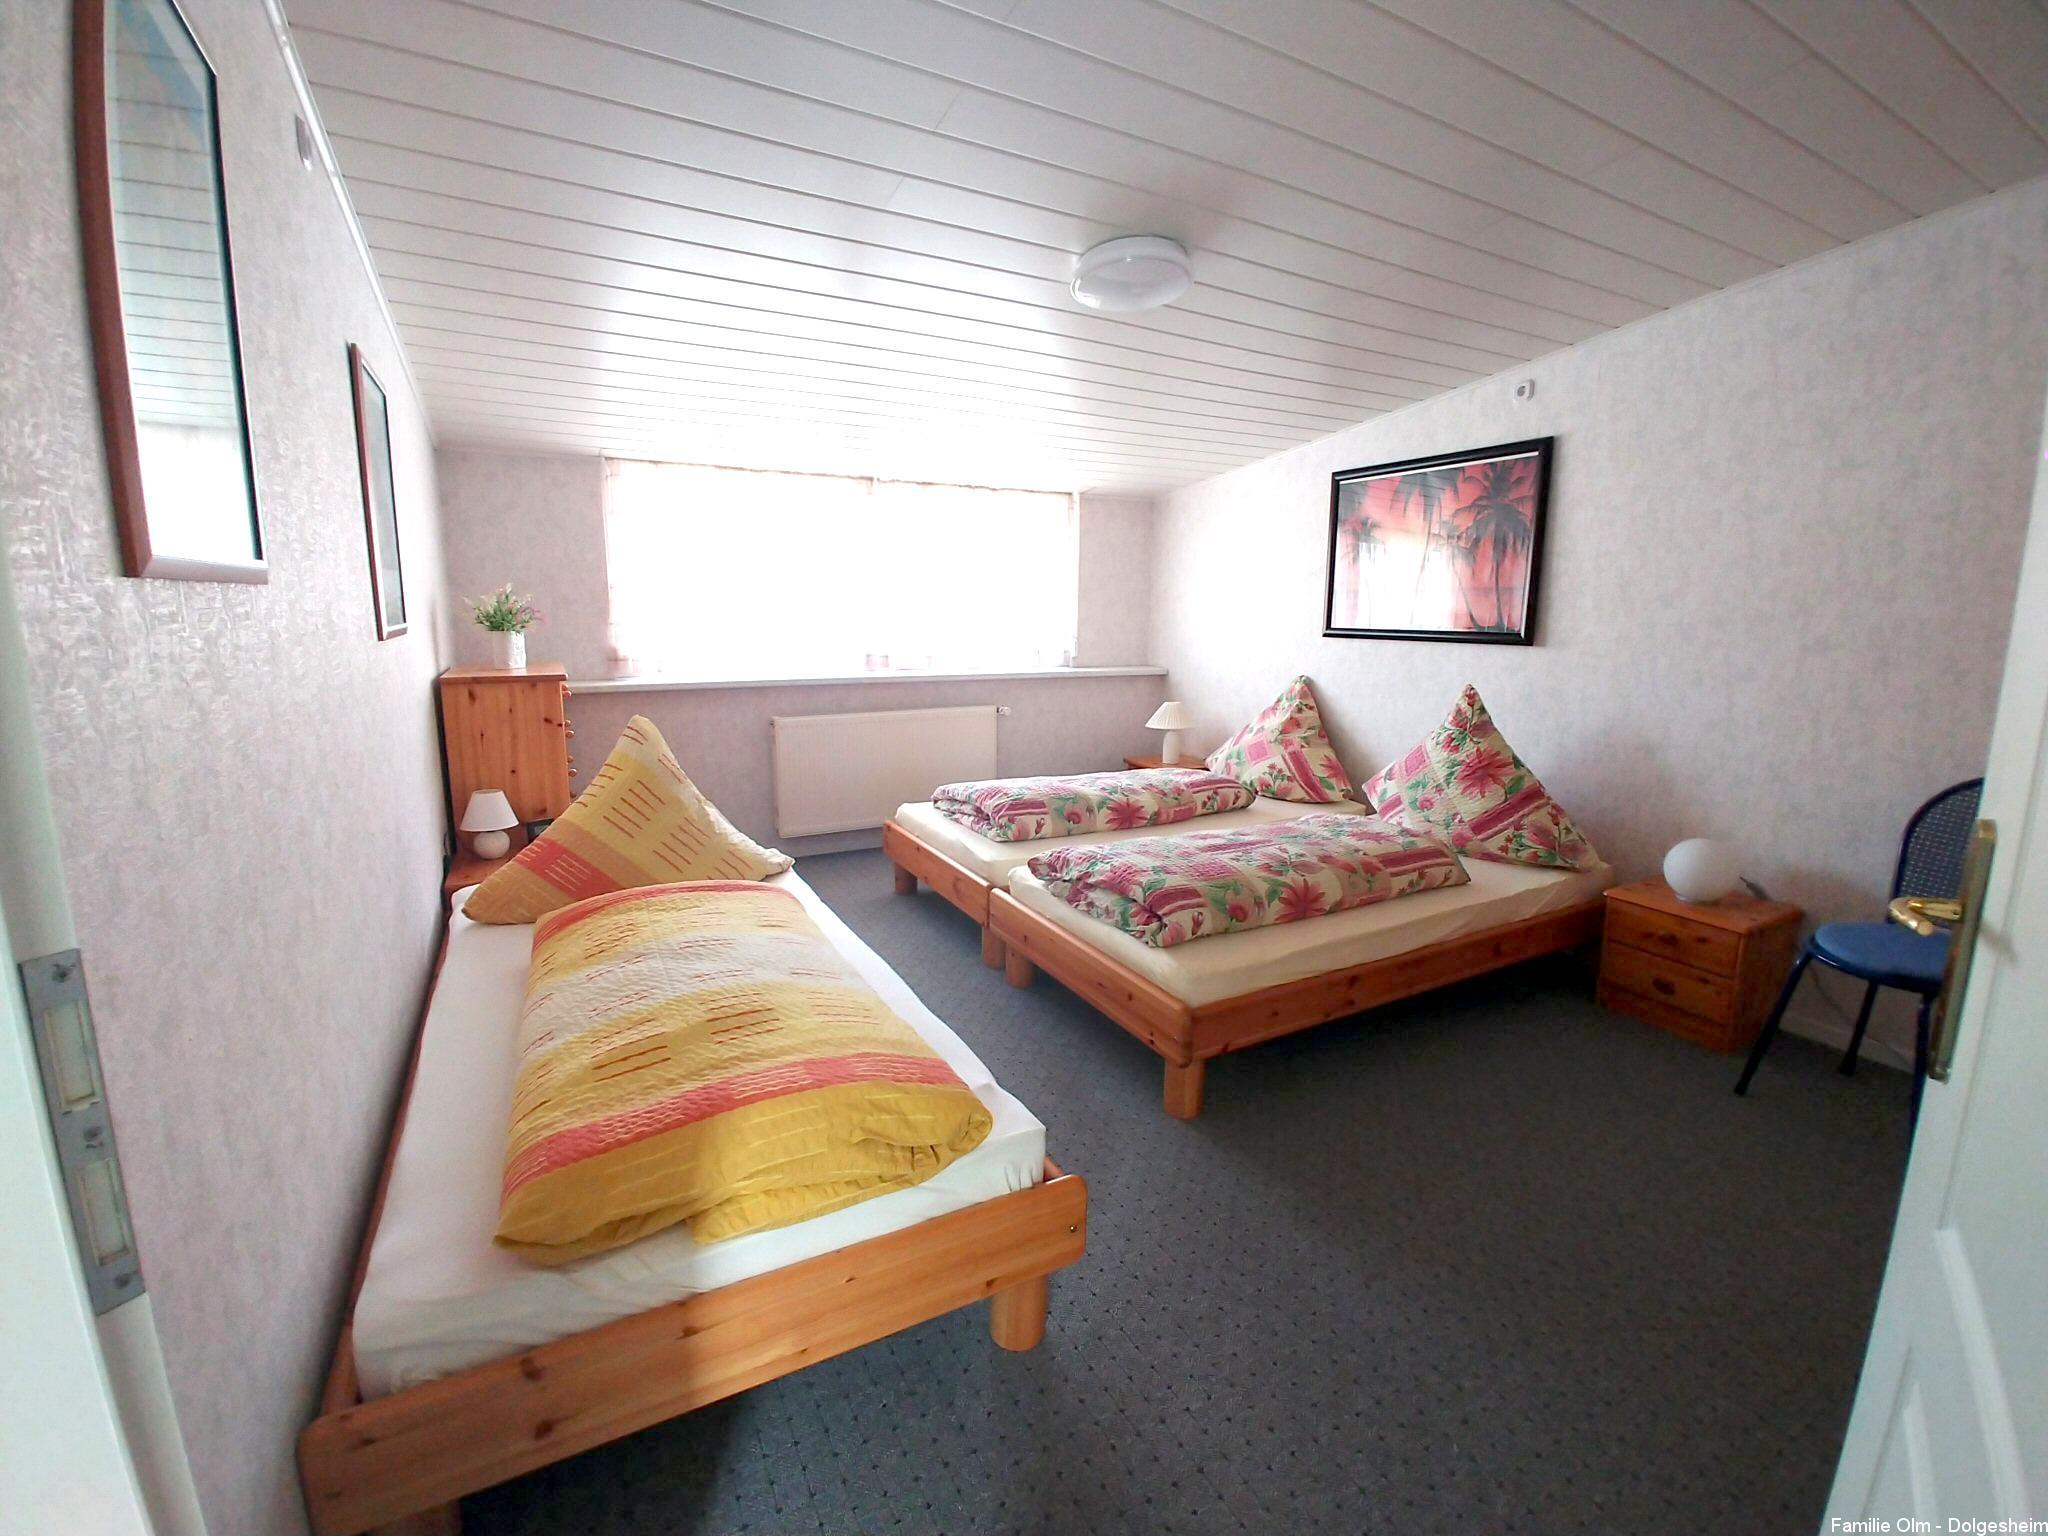 Ferienwohnung Dolgesheim Dreibettzimmer